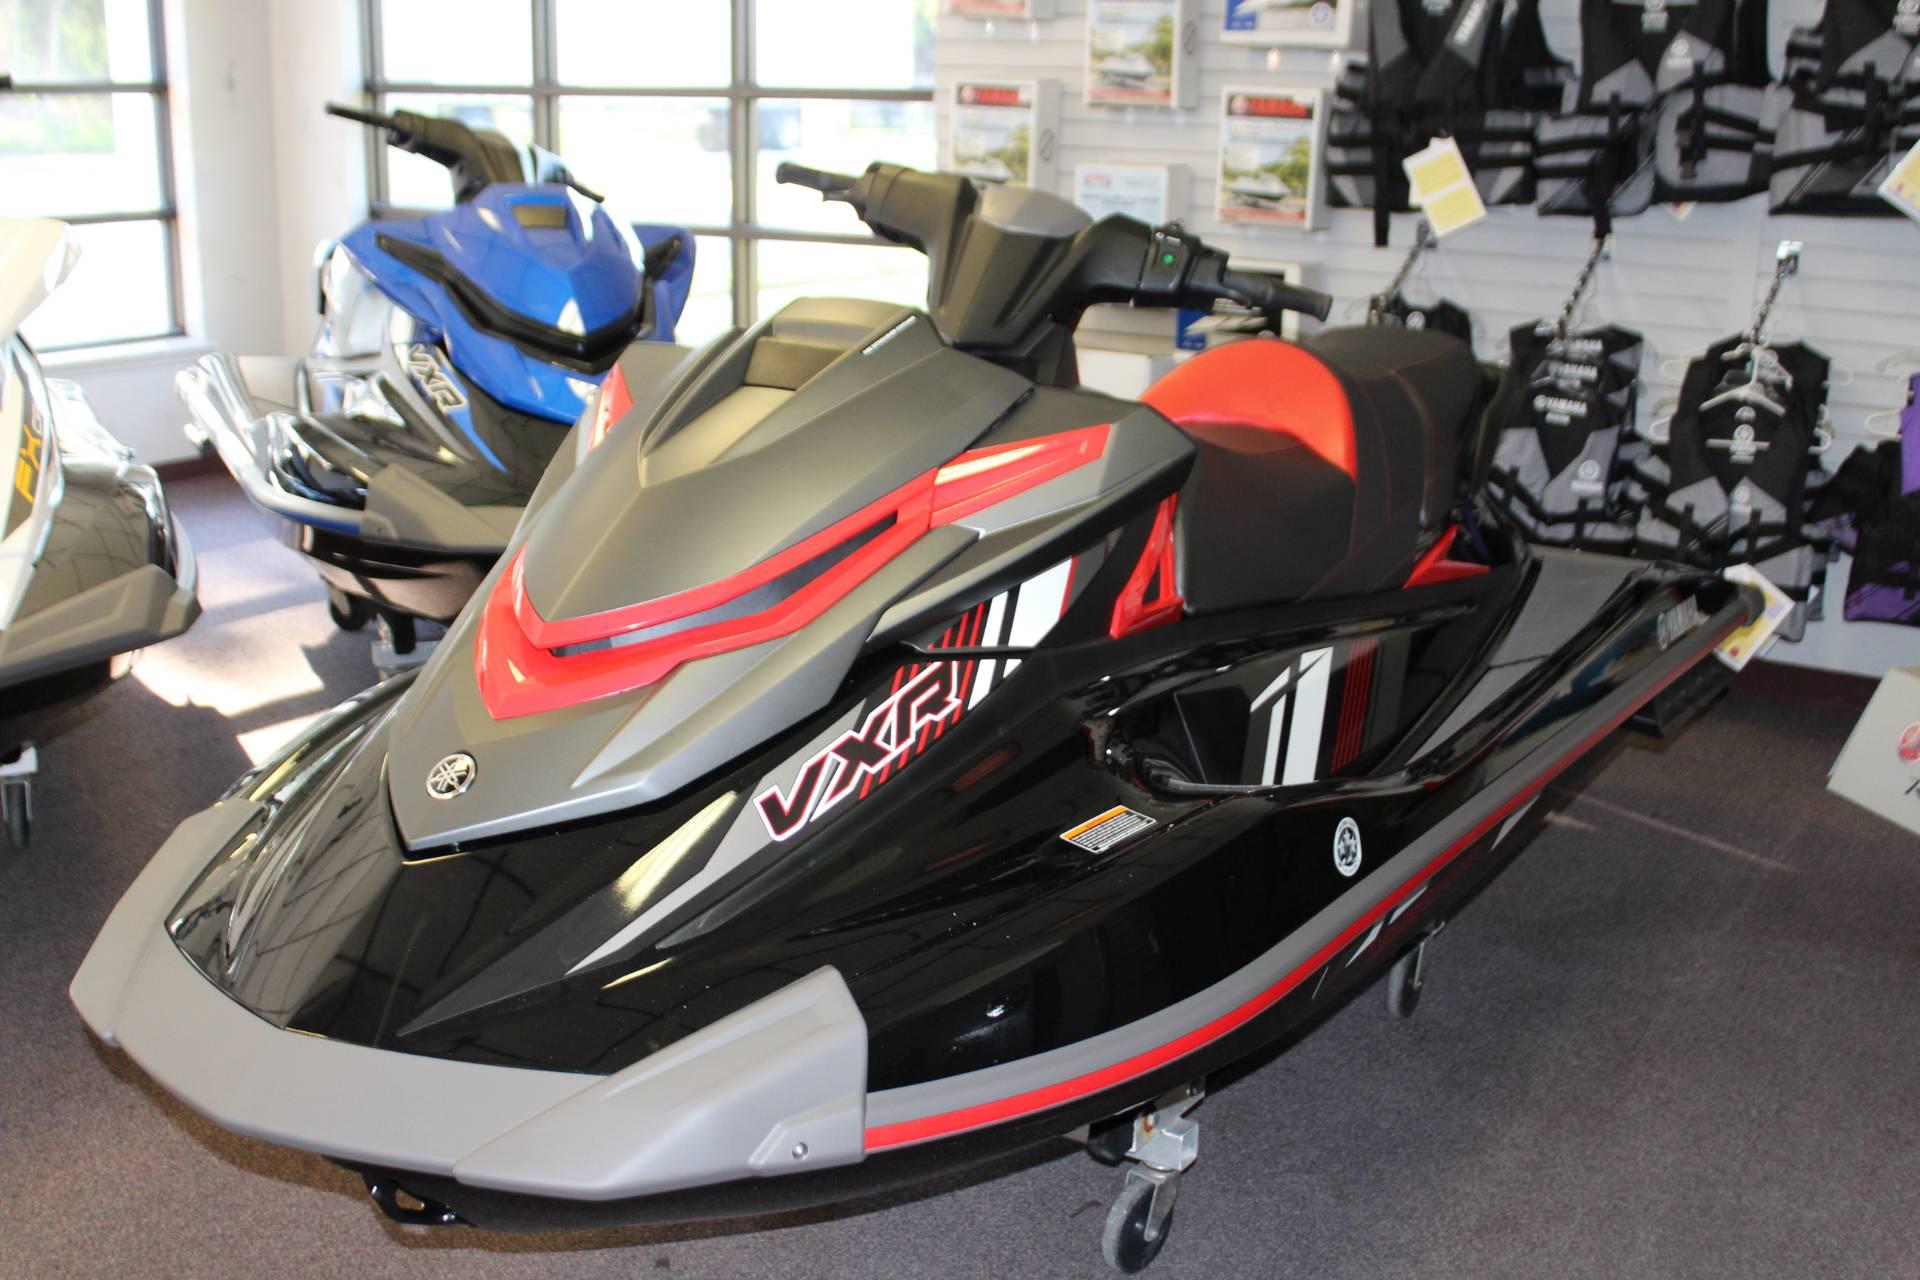 2018 Yamaha VXR for sale 78859